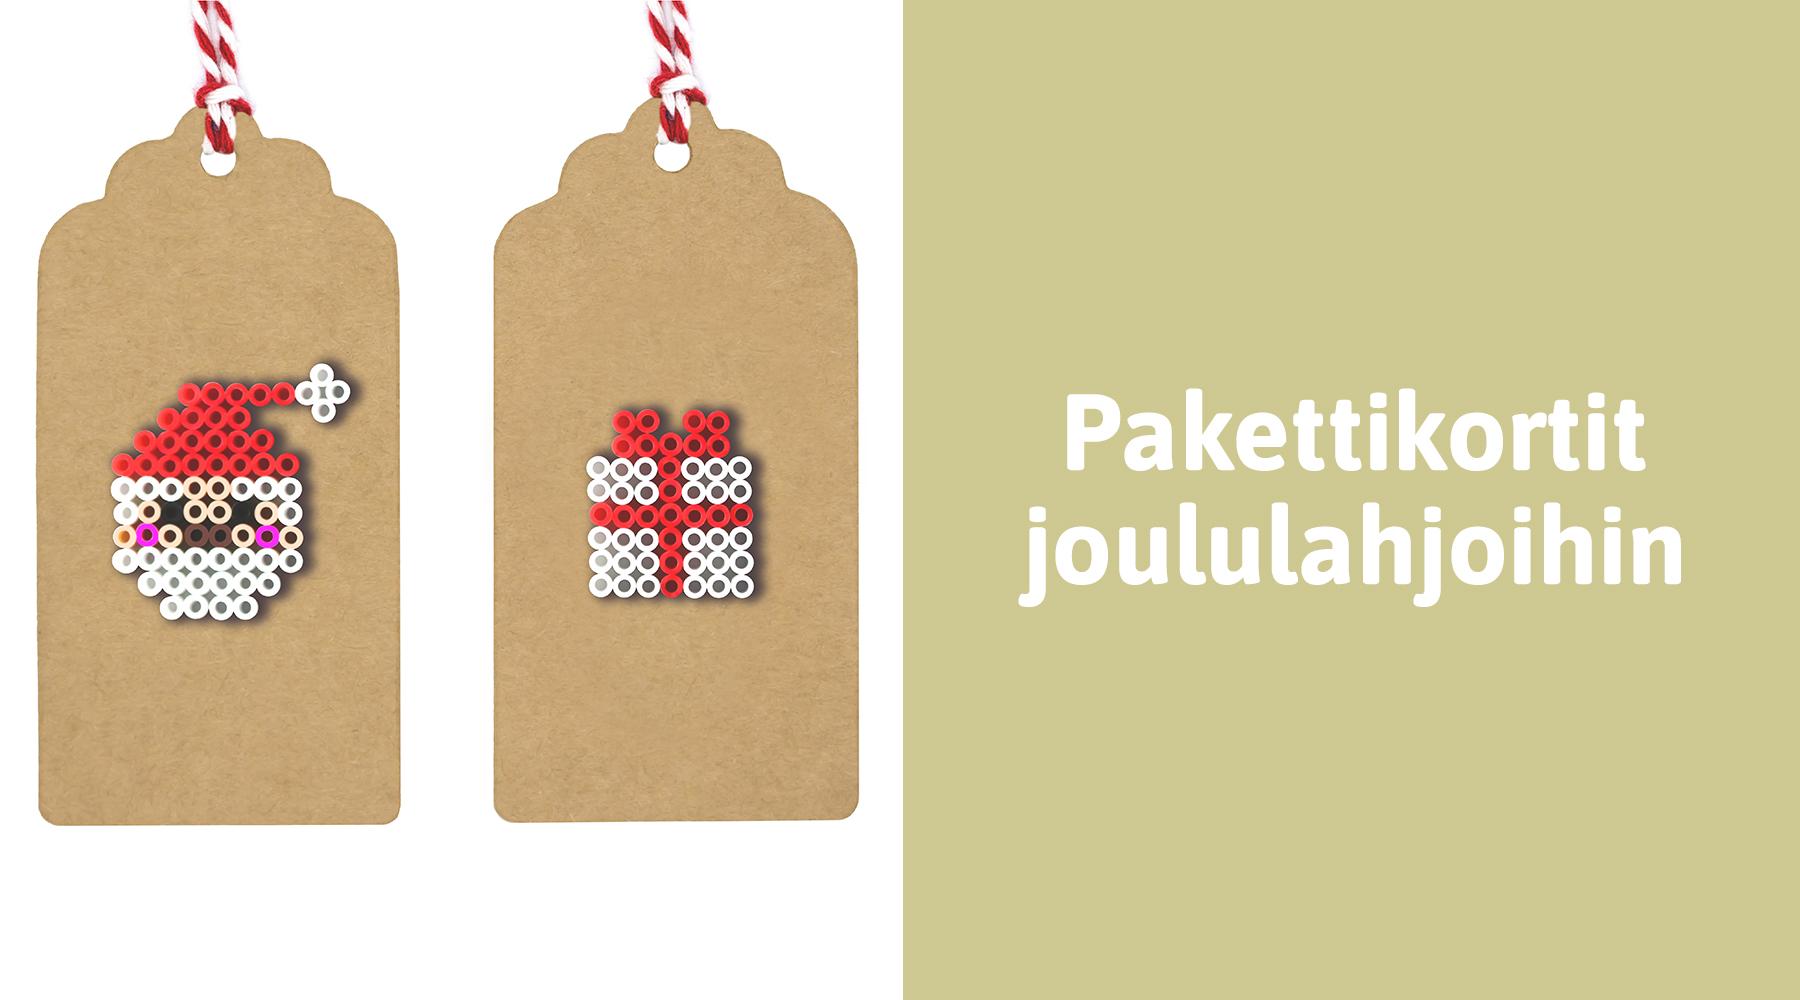 Joulutyöpaja: Persoonalliset pakettikortit joululahjoihin